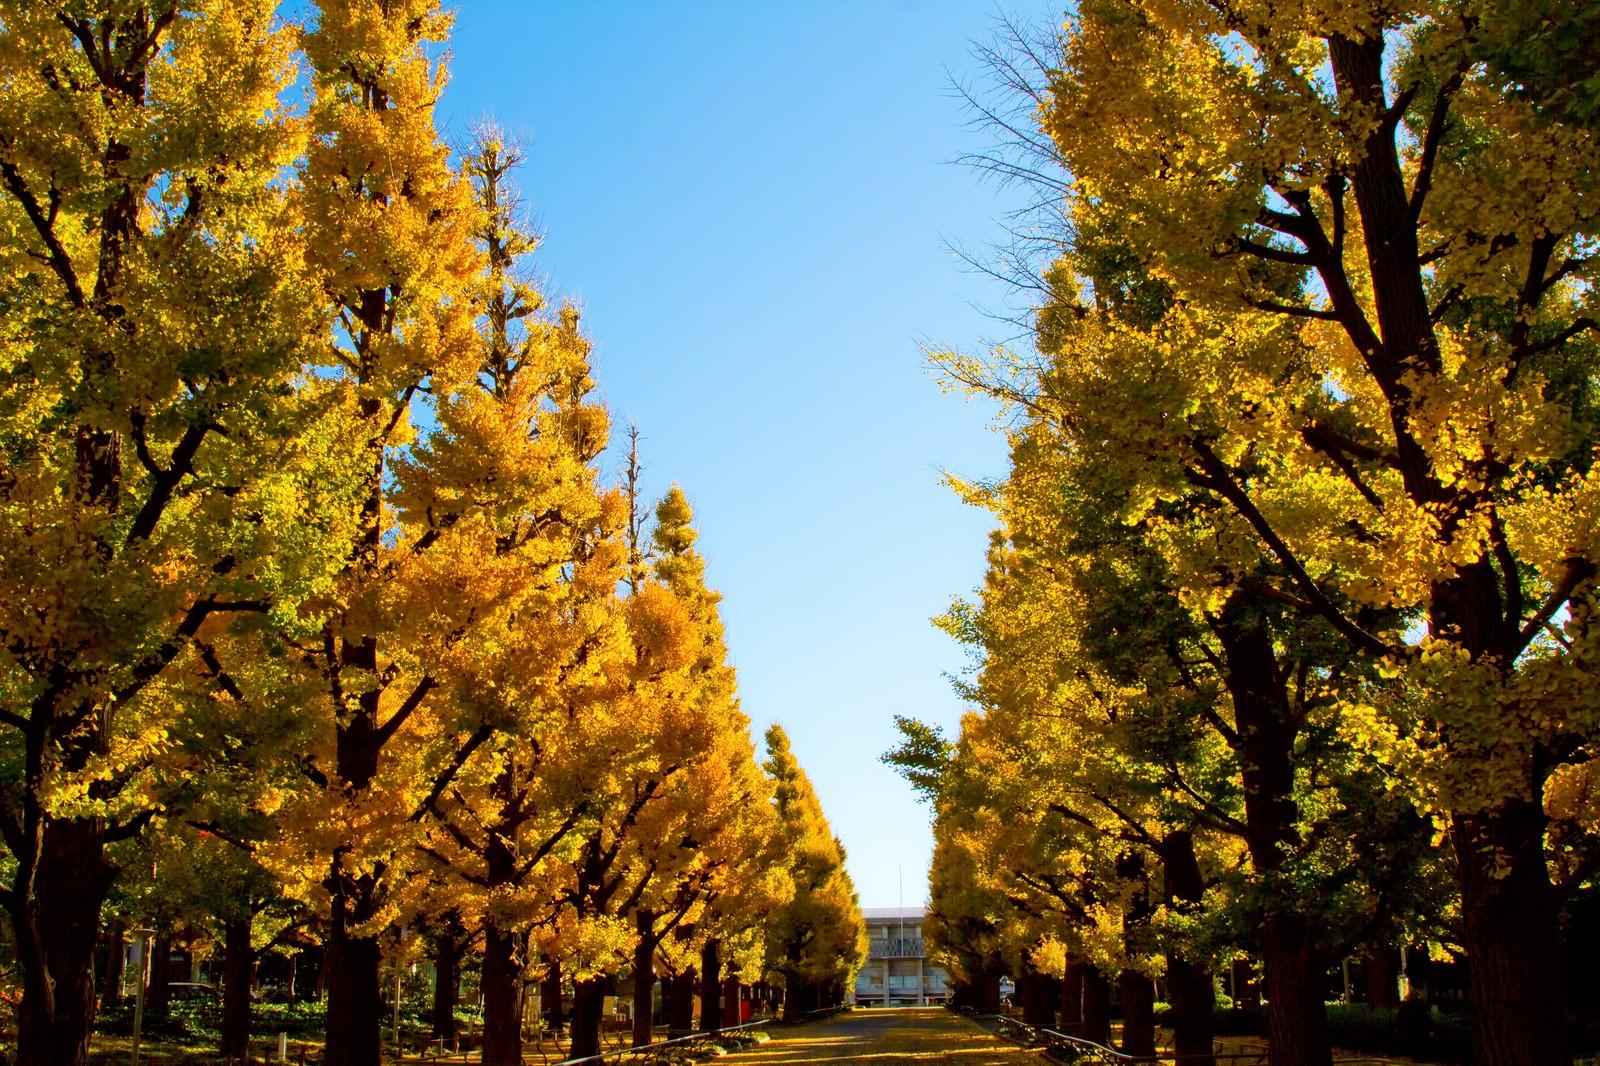 「慶応大学の黄葉した銀杏並木」の写真